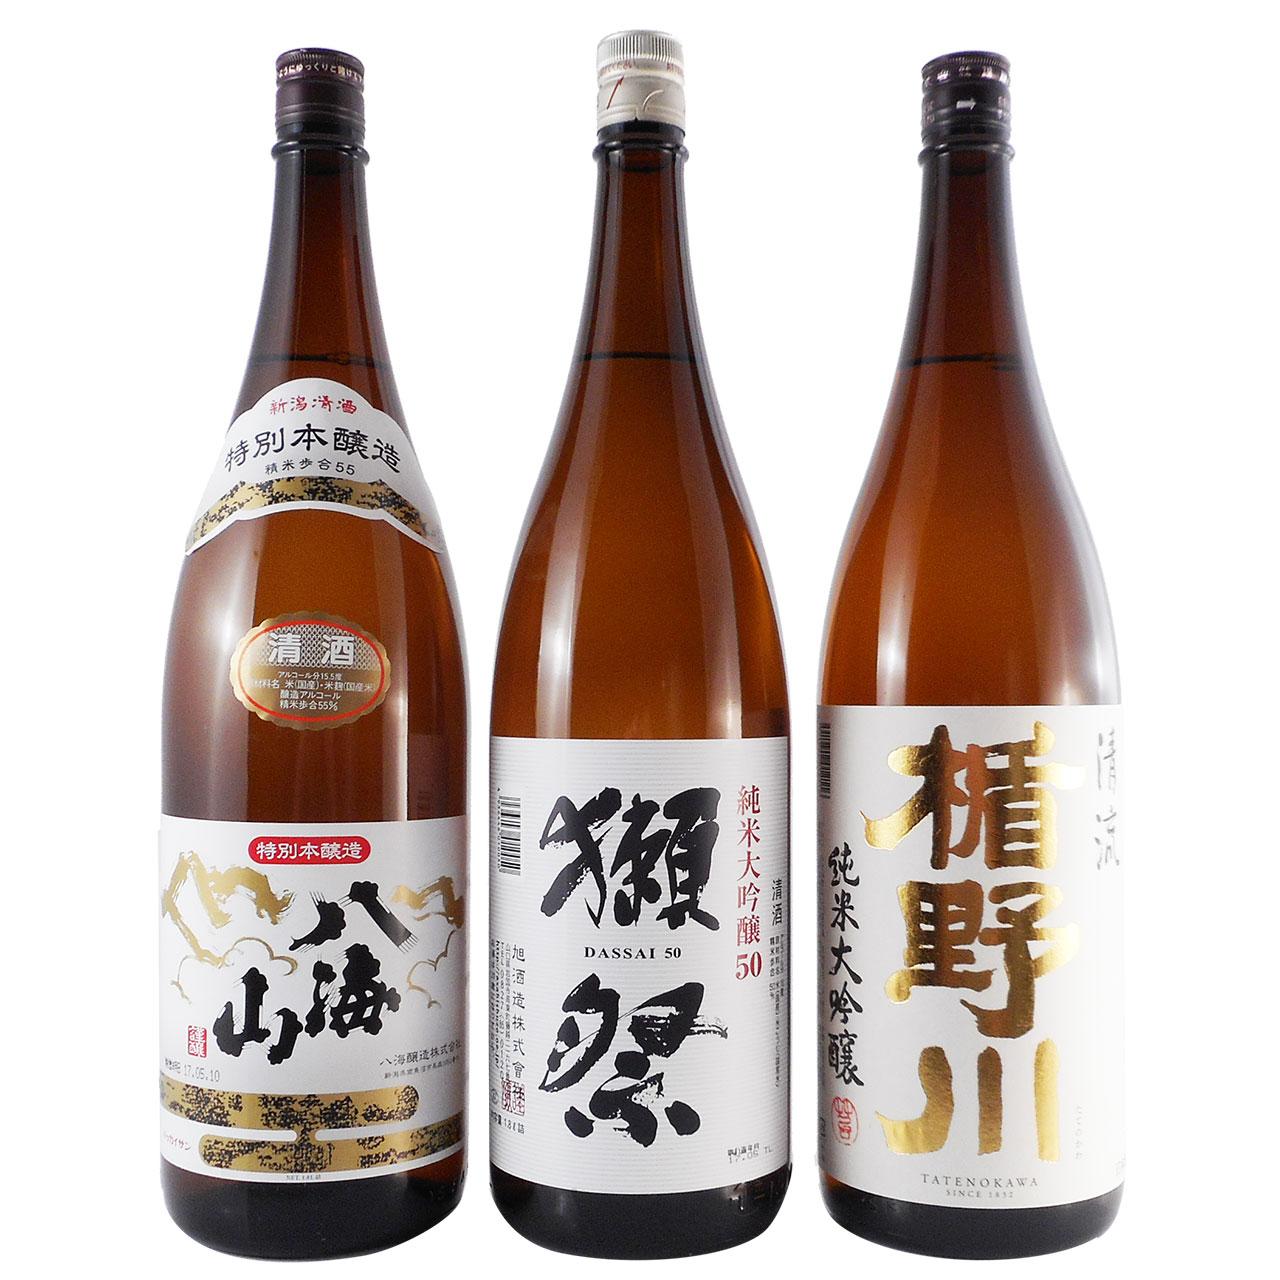 父の日 ギフト 日本酒 飲み比べセット 一升瓶 3本 八海山、獺祭、楯野川 1.8L